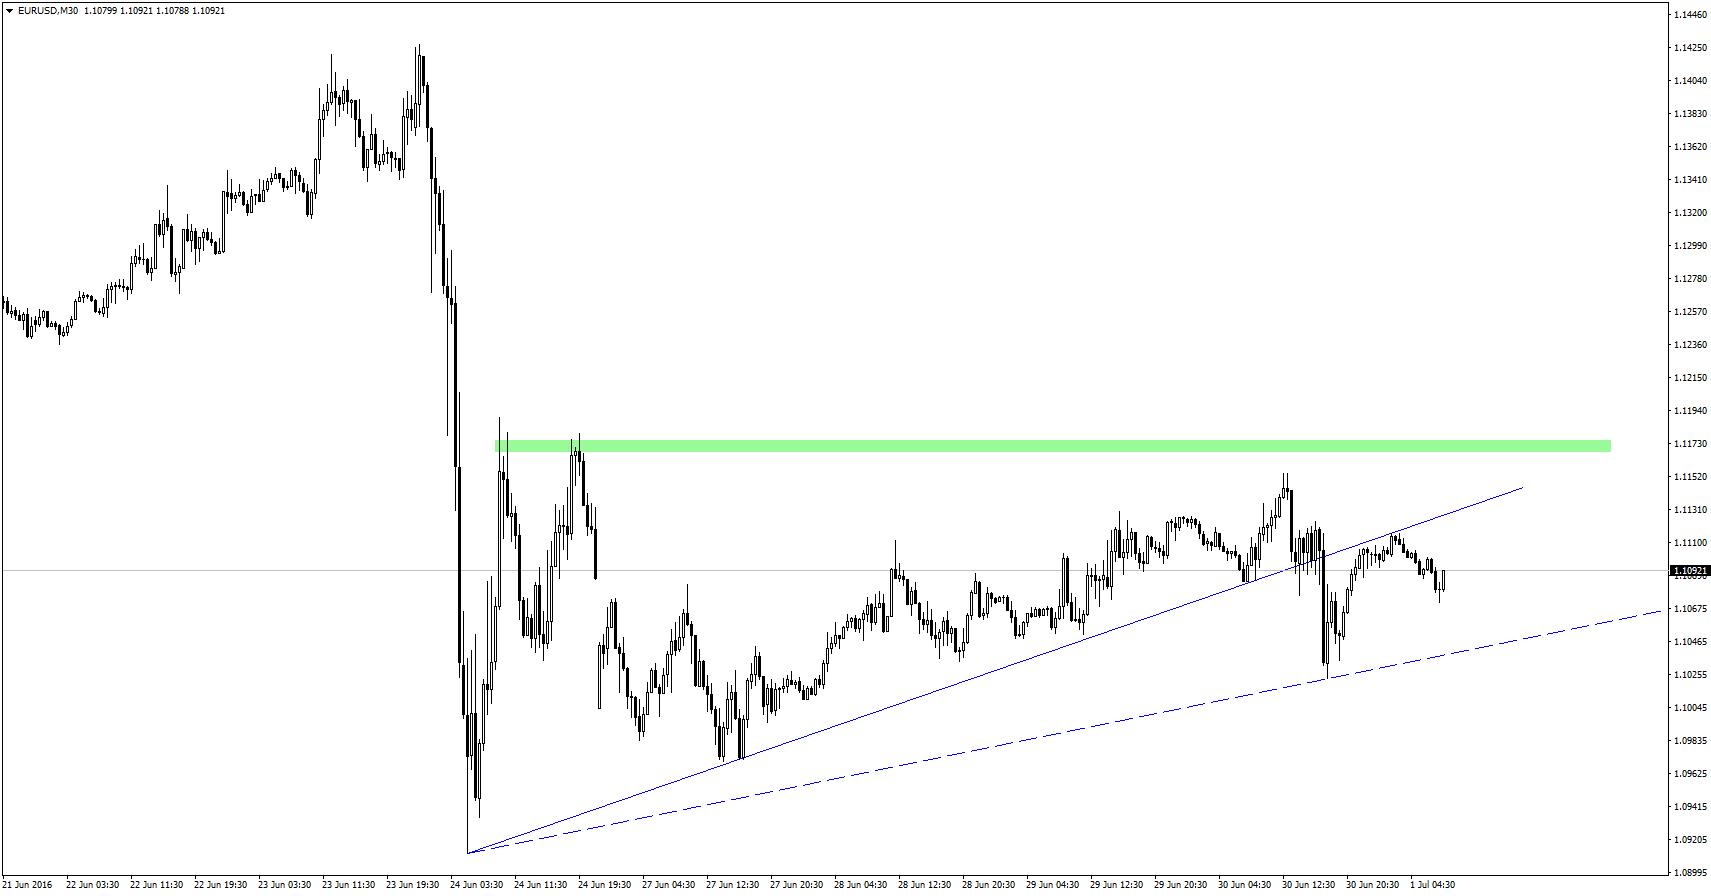 Po godzinie 17:00 na rynku pojawiłą się plotka, jakoby EBC miało rozważać poszerzenie prowadzonego przez siebie skupu o kolejne typy aktywów. Pomimo tego, że biuro prasowe EBC dość szybko zdementowało tą informację, EUR/USD spadło o blisko 90 pips przebijając jednocześnie linię trendu wzrostowego. W nocy nastąpił jej retest od dołu, co może świadczyć o tym, że para wybiła się z tworzącej się przez ostatnie dni formacji trójkąta.